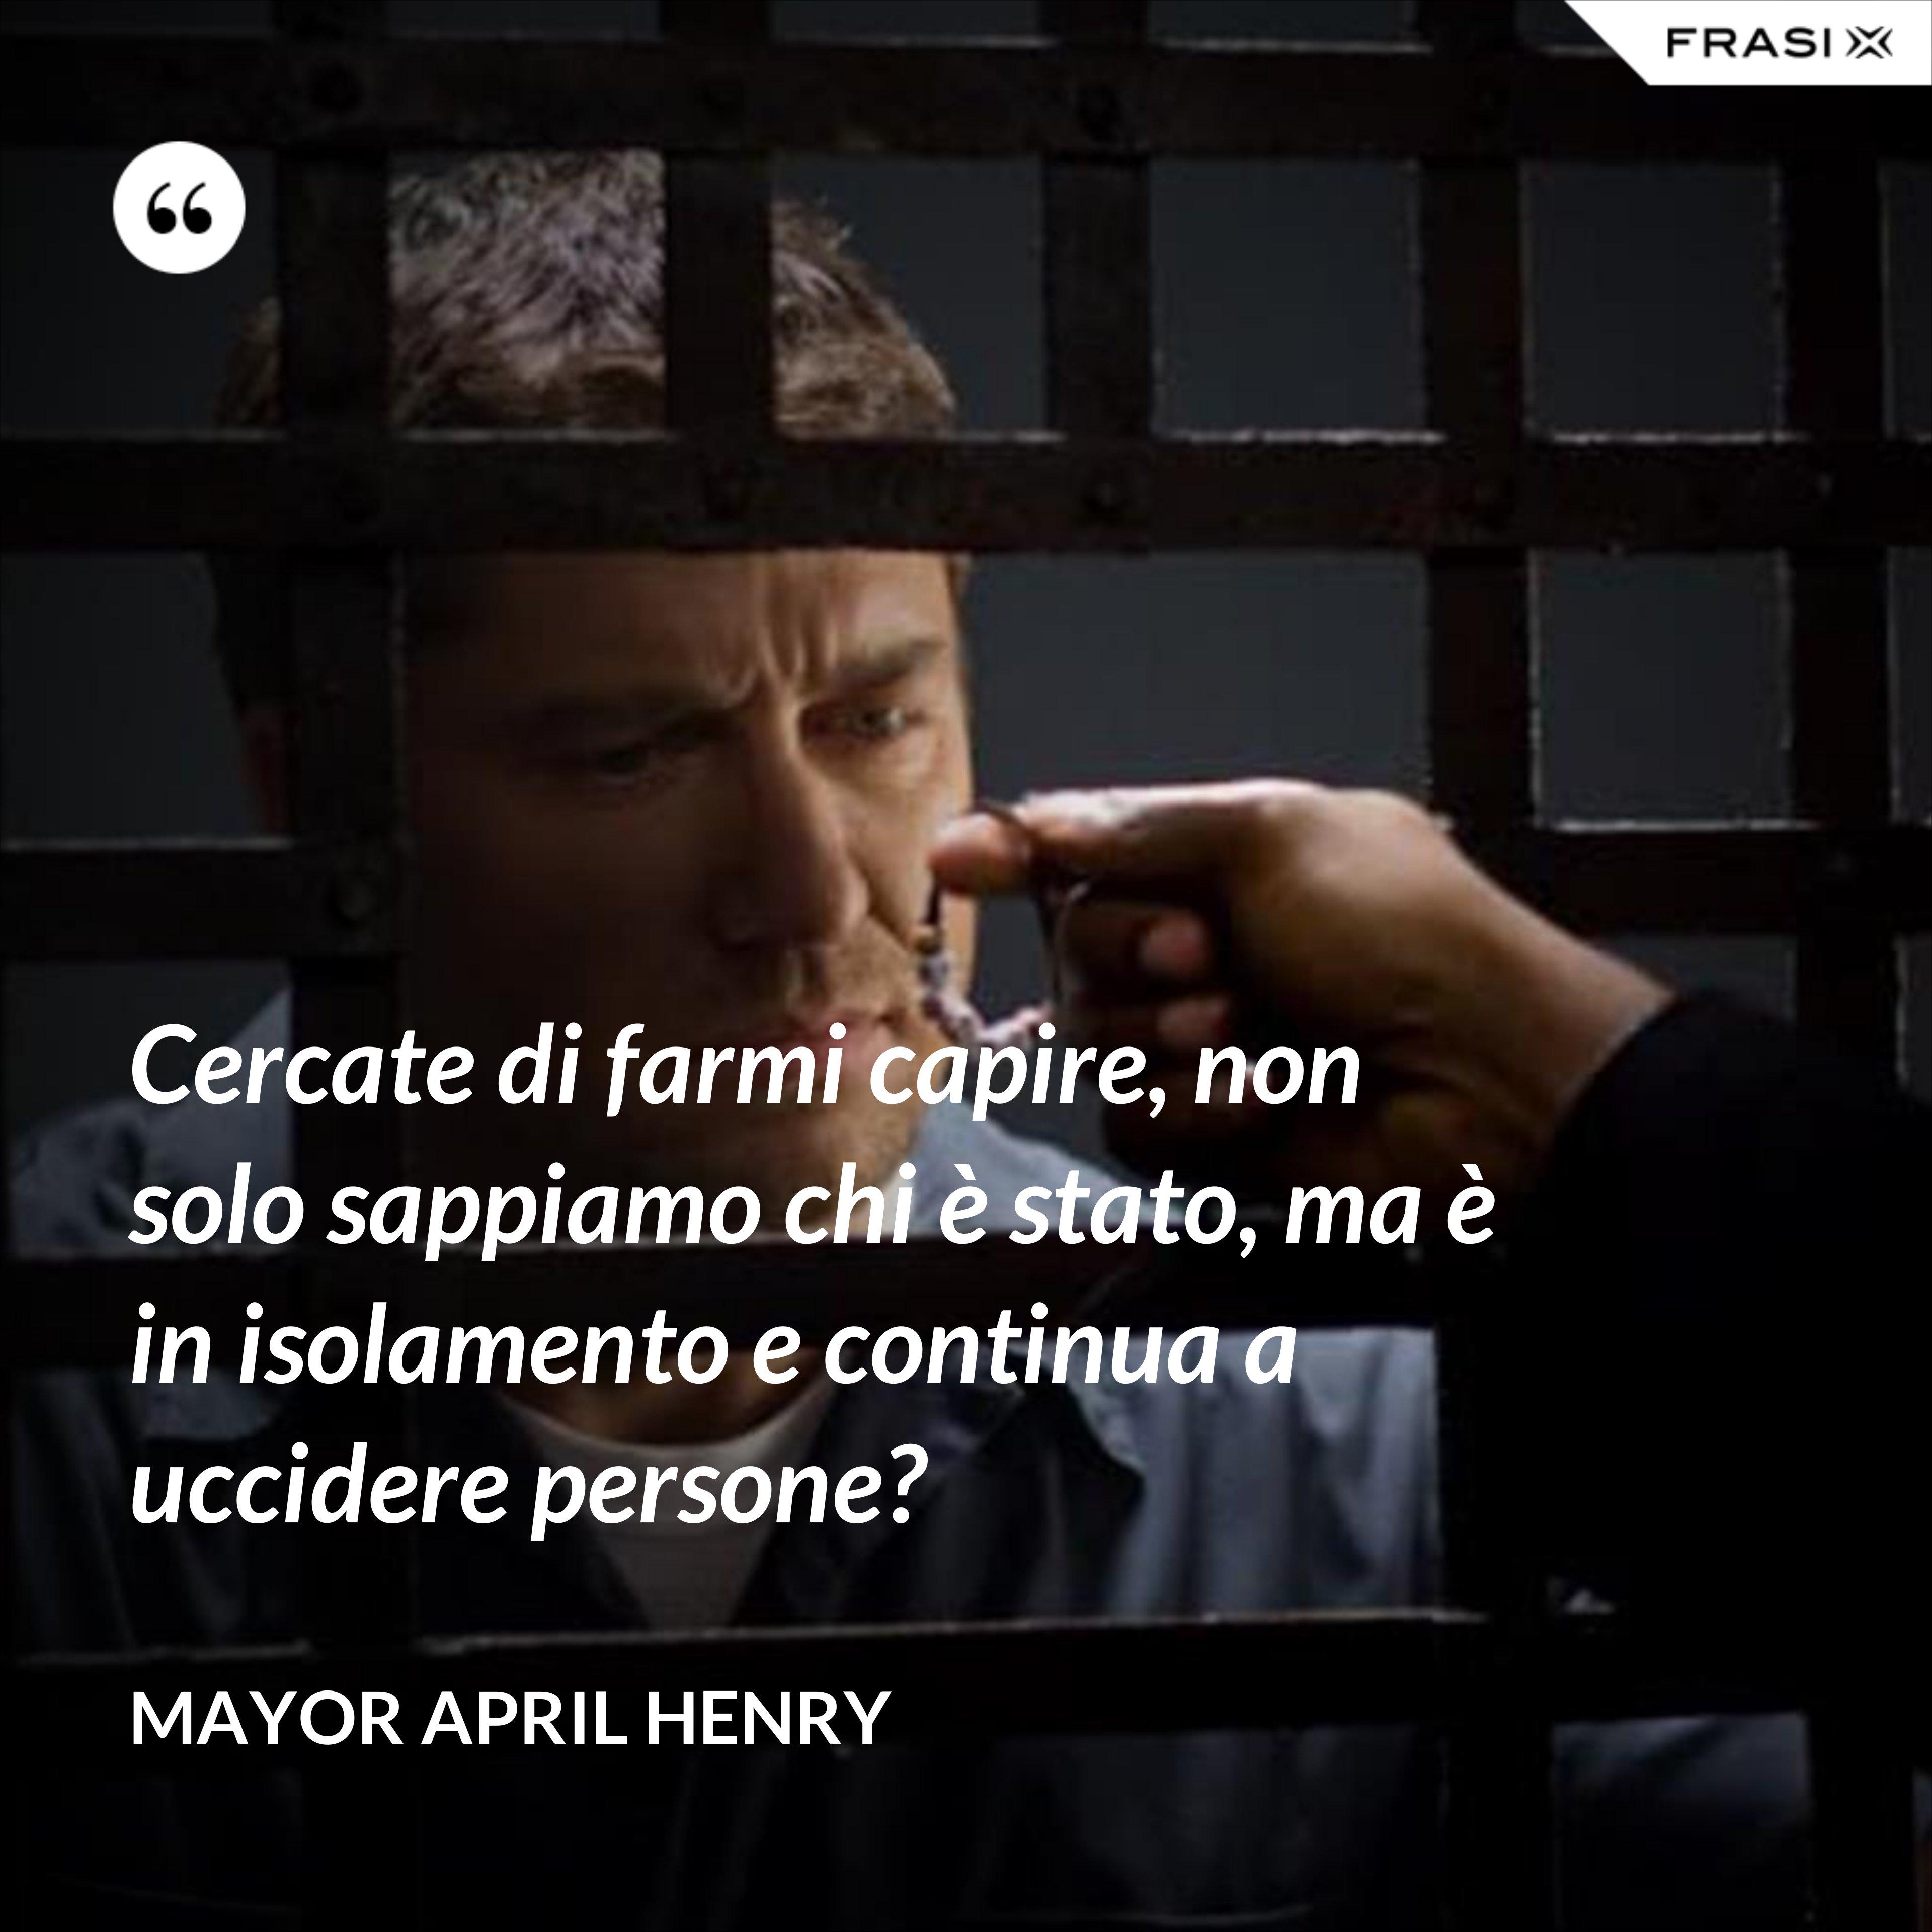 Cercate di farmi capire, non solo sappiamo chi è stato, ma è in isolamento e continua a uccidere persone? - Mayor April Henry